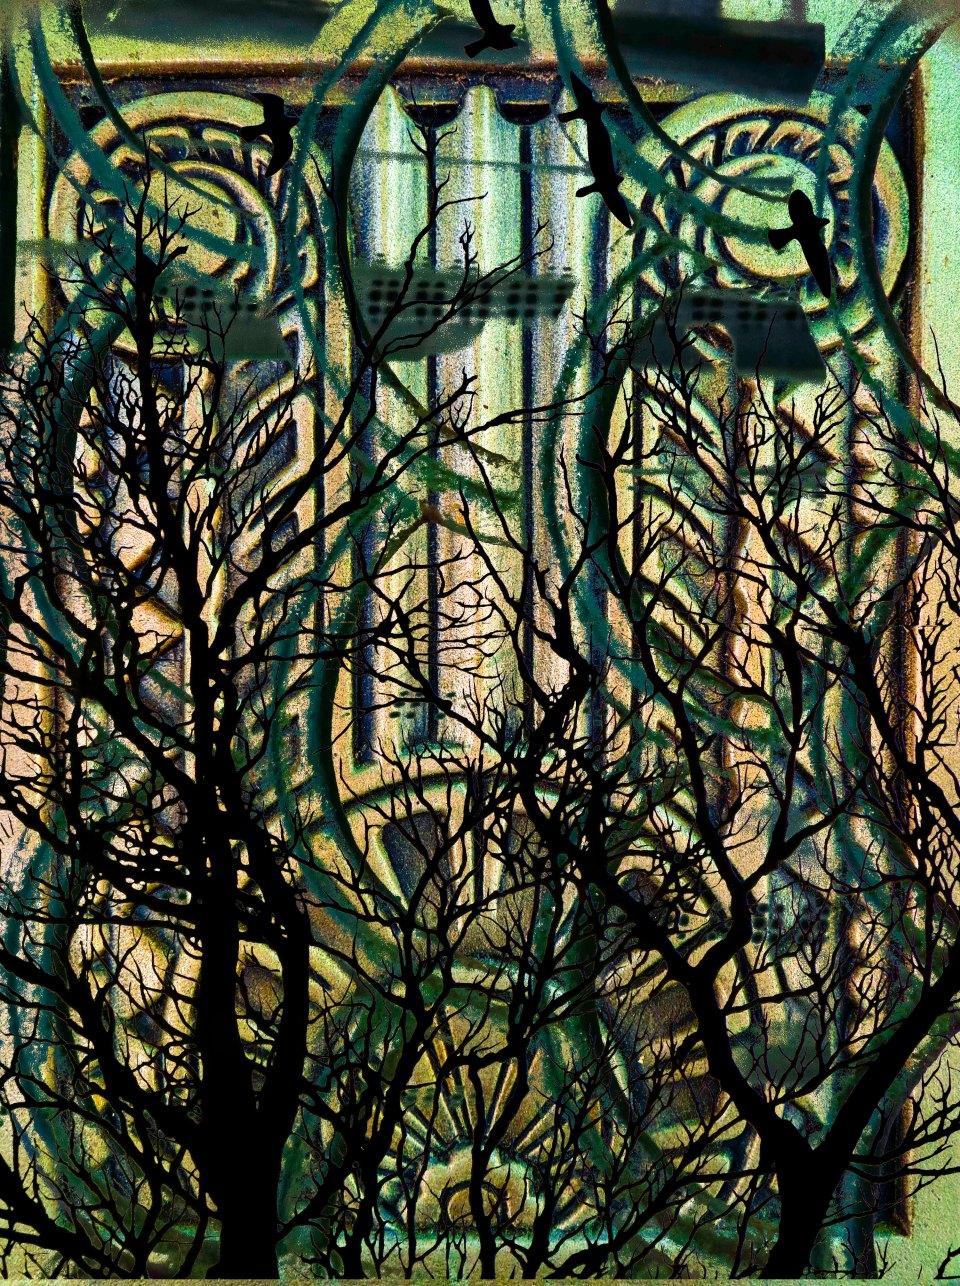 TreesScene FLW 5667 jnhgb.jpg